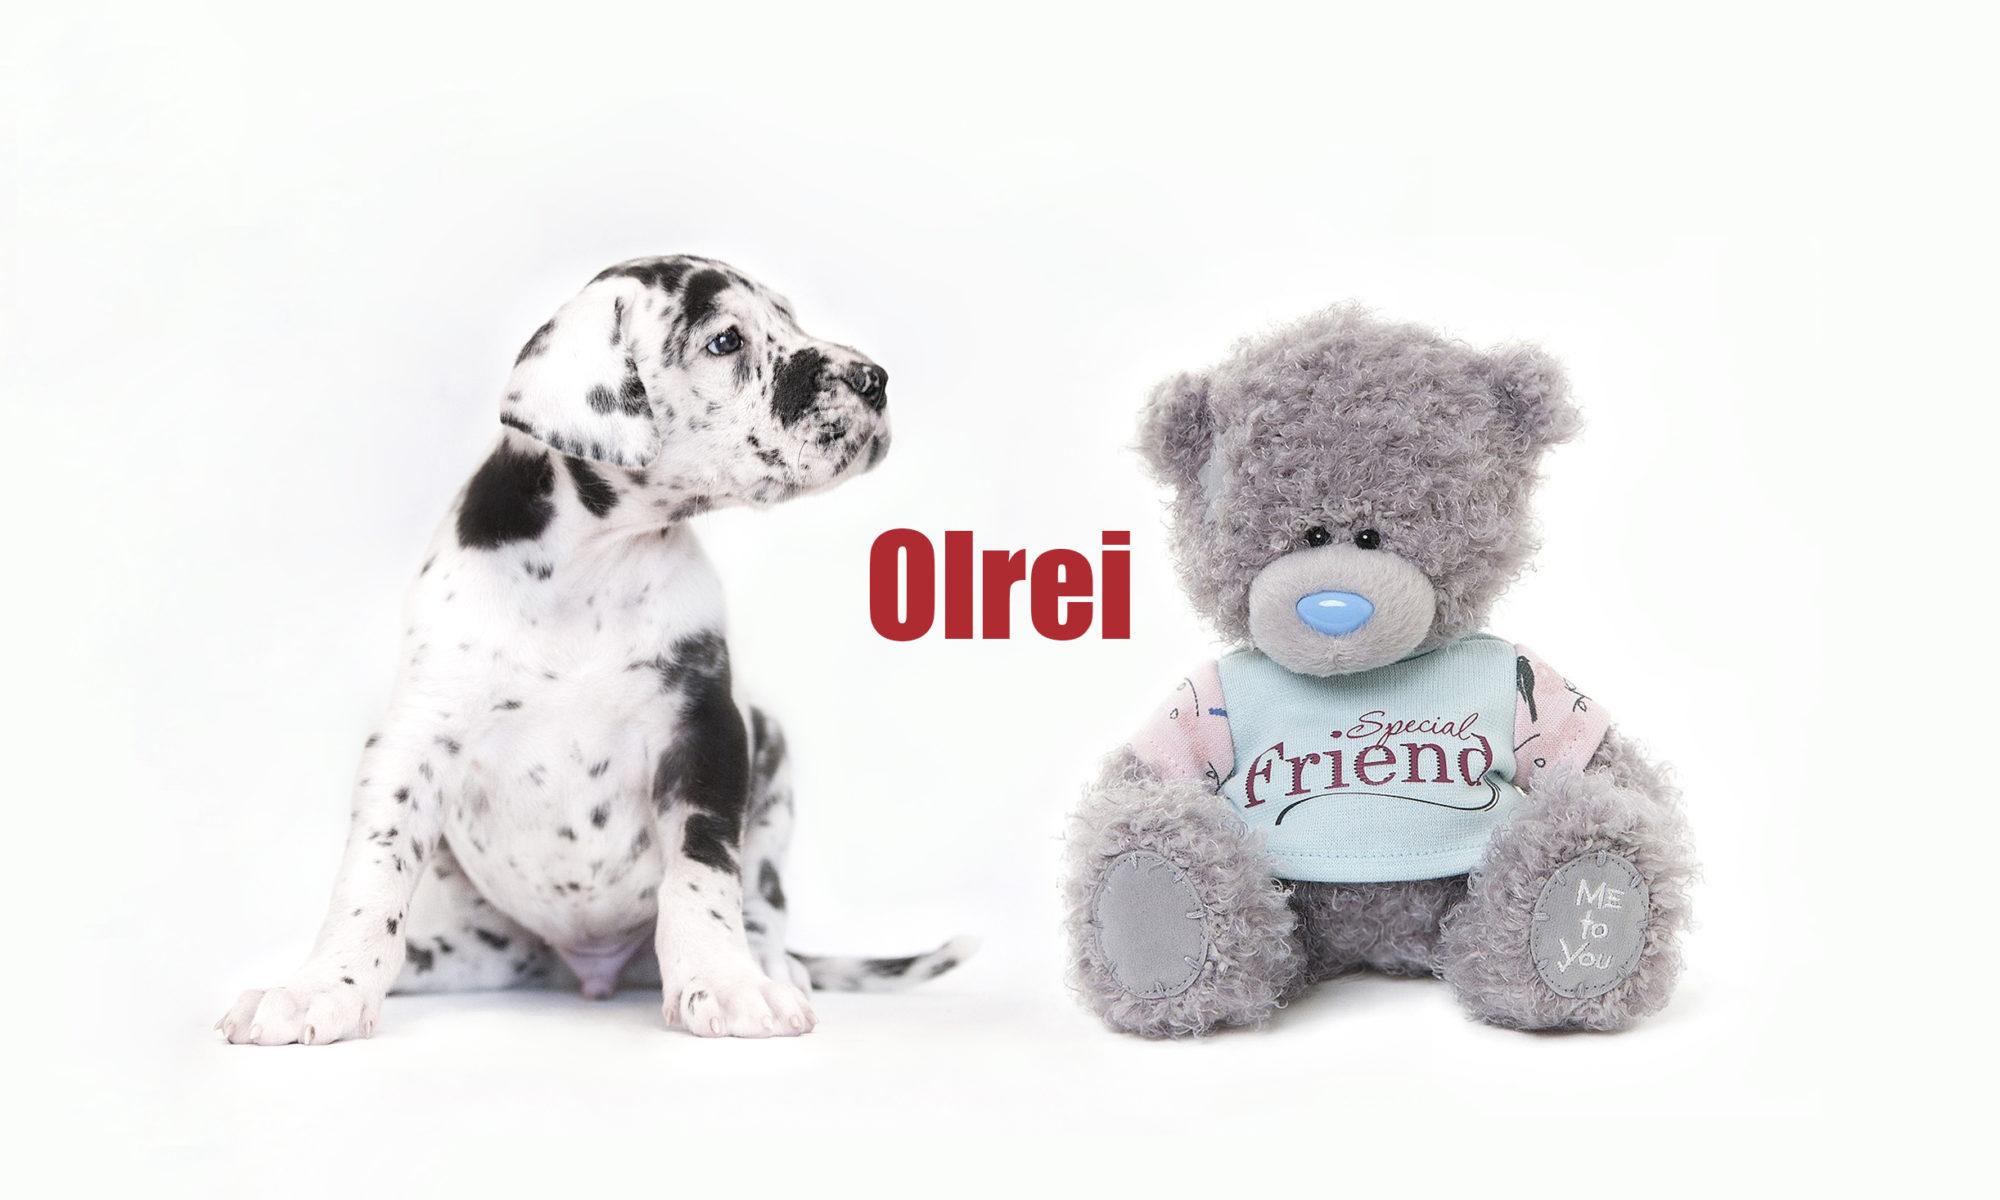 OLREI